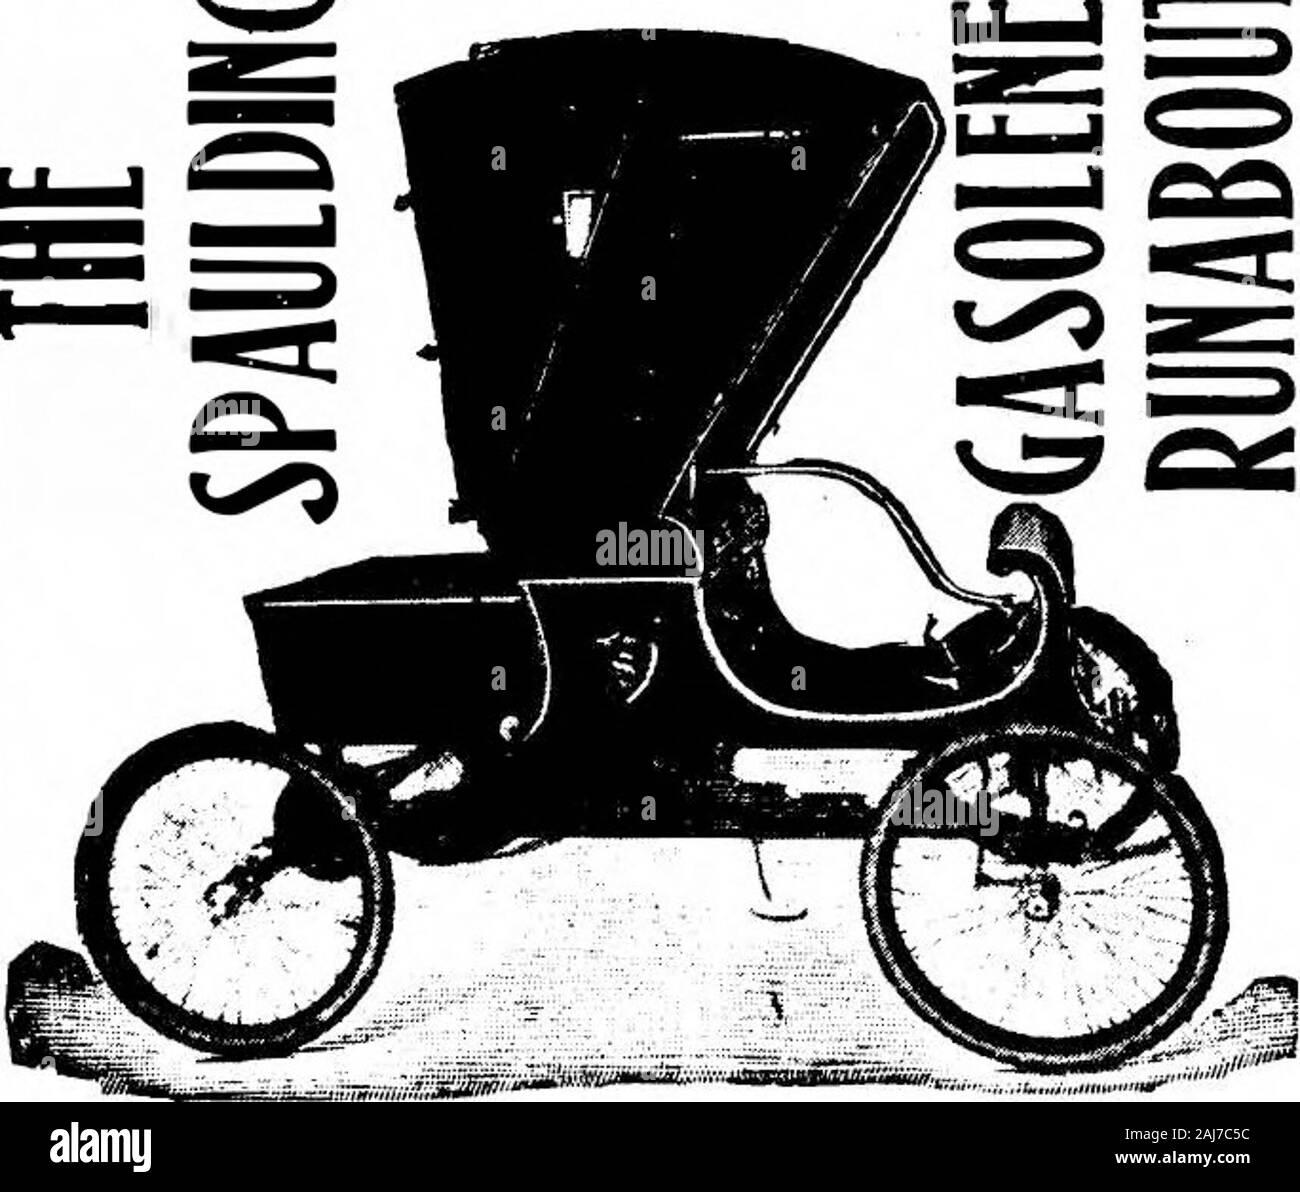 Scientific American Volumen 87, número 23 (diciembre de 1902) . Crudo directamente desde las minas de asbesto R.H.MARTIN, oficina, ST.Paul edificio 220 Bway, Nueva York. Galvanizado en frío. §W;|r;e^m;E^J| PROCESO AMERICANO SIN REGALÍAS.^^1 SAMPLESanoINFORMATION en aplicación. Níquel y Electro-Plating Aparatos y material. THB Hanson & Van Winkle Co., Newark. N. J. 136 Liberty St., N. F. 30 & 32 S. Canal St. Cblcapo. Para los fabricantes de fibra PREPAREDASBESTOS utilizar <?*&. Foto de stock